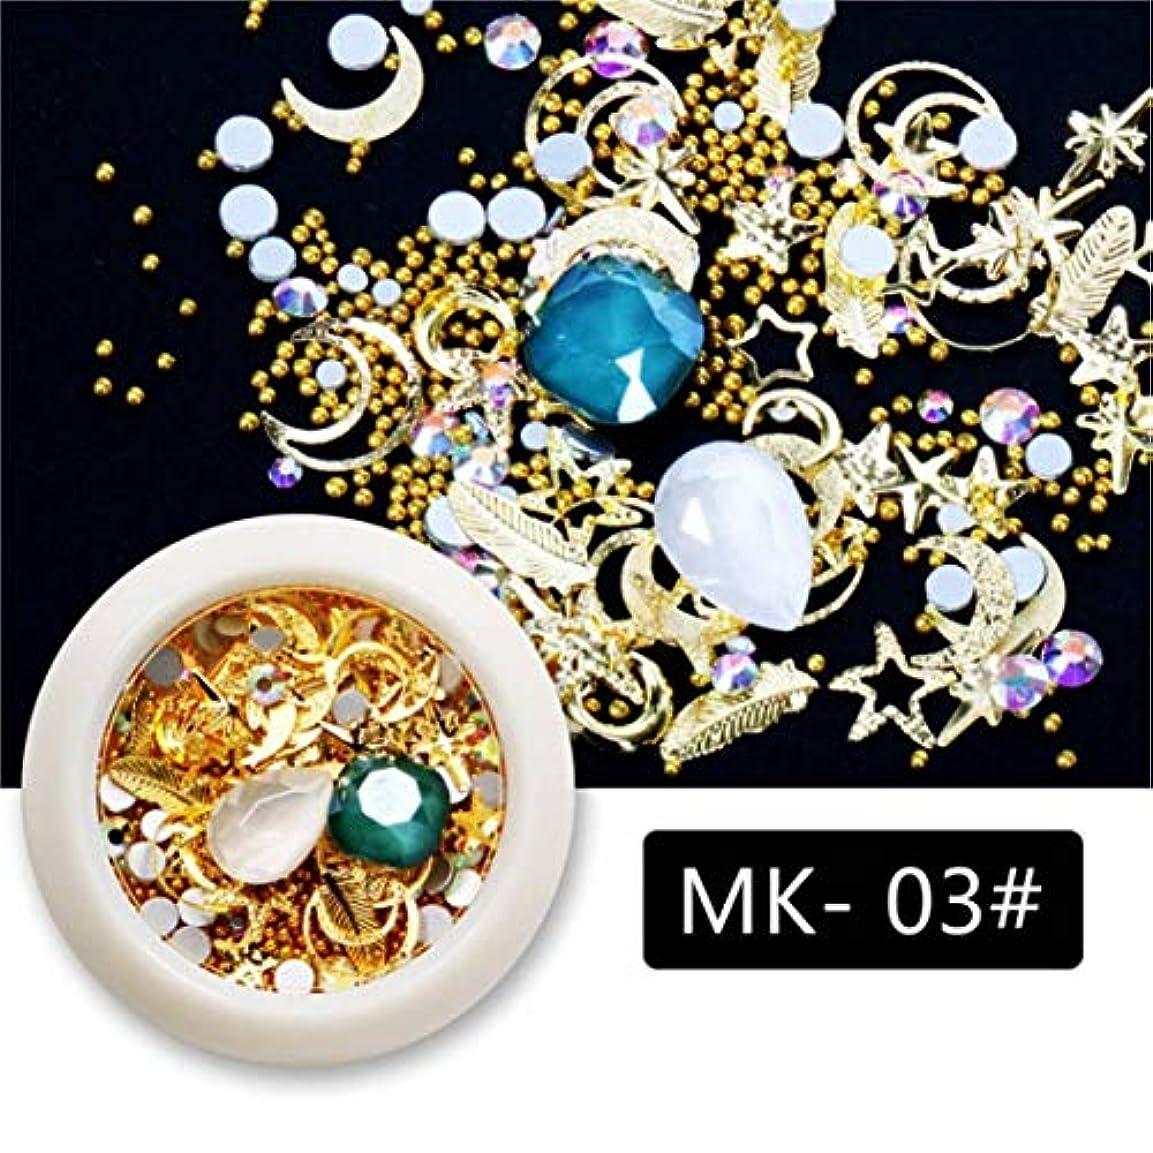 信頼できるシュート連邦Yoshilimen 1新しいネイルデザインジュエリーネイルデザインダイヤモンド木木石(None MK-03)